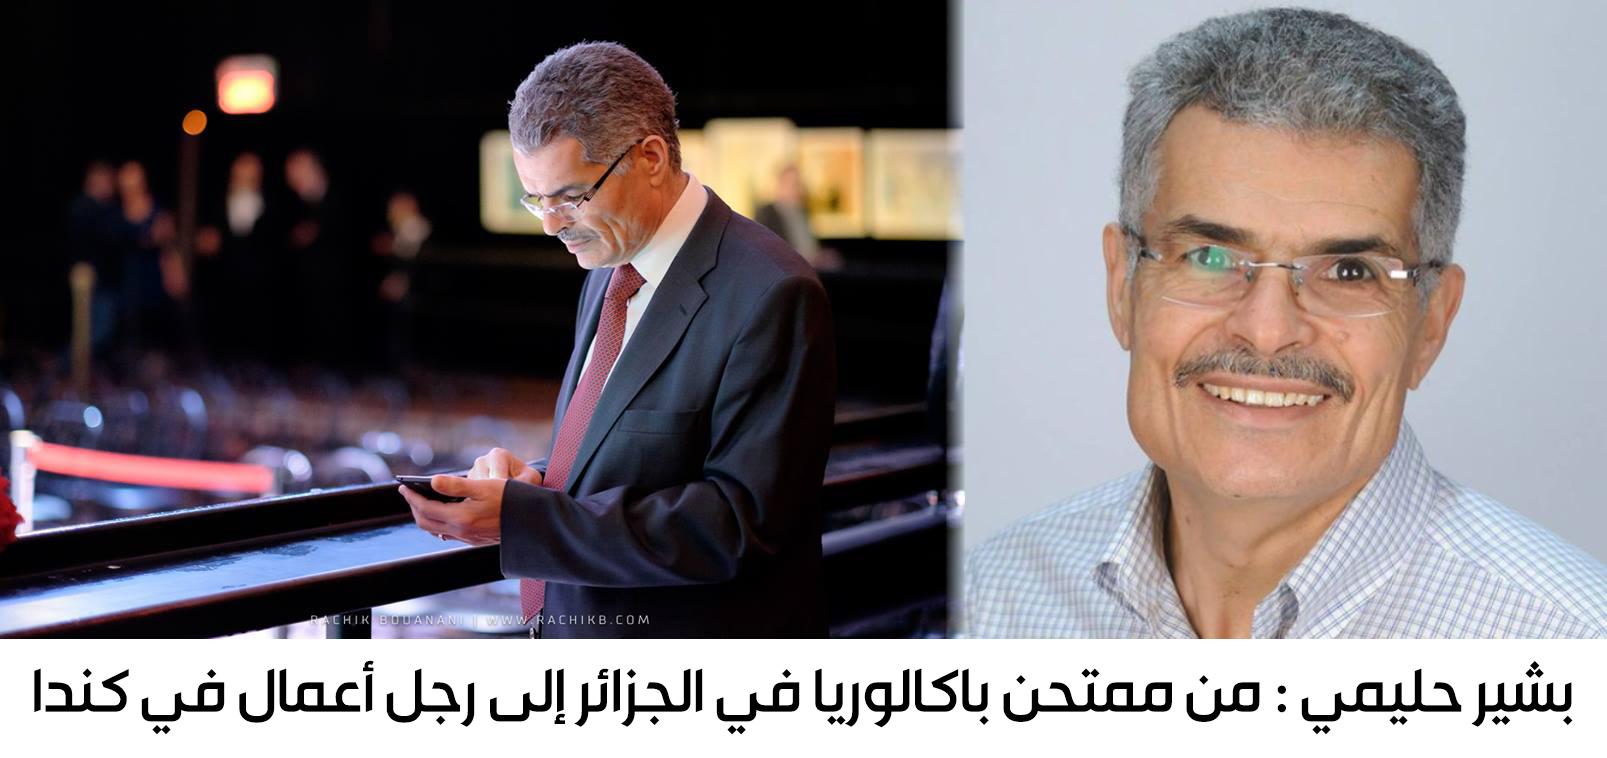 بشير حليمي : من ممتحن باكالوريا في الجزائر إلى رجل أعمال في كندا